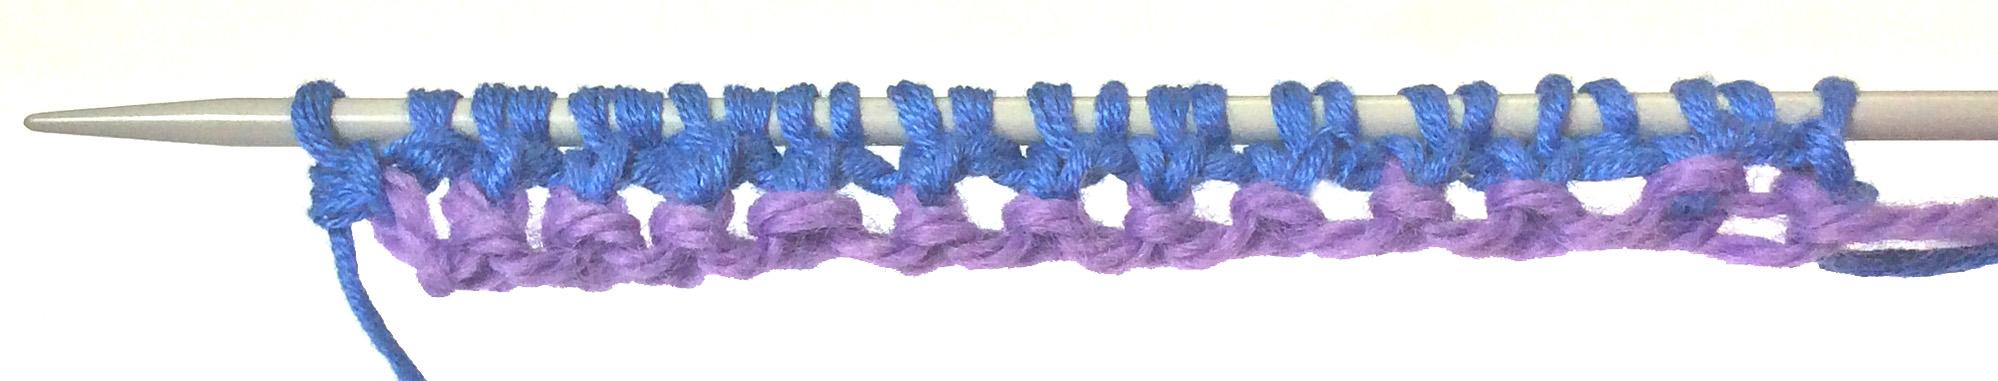 Tubular Cast-on Row 3